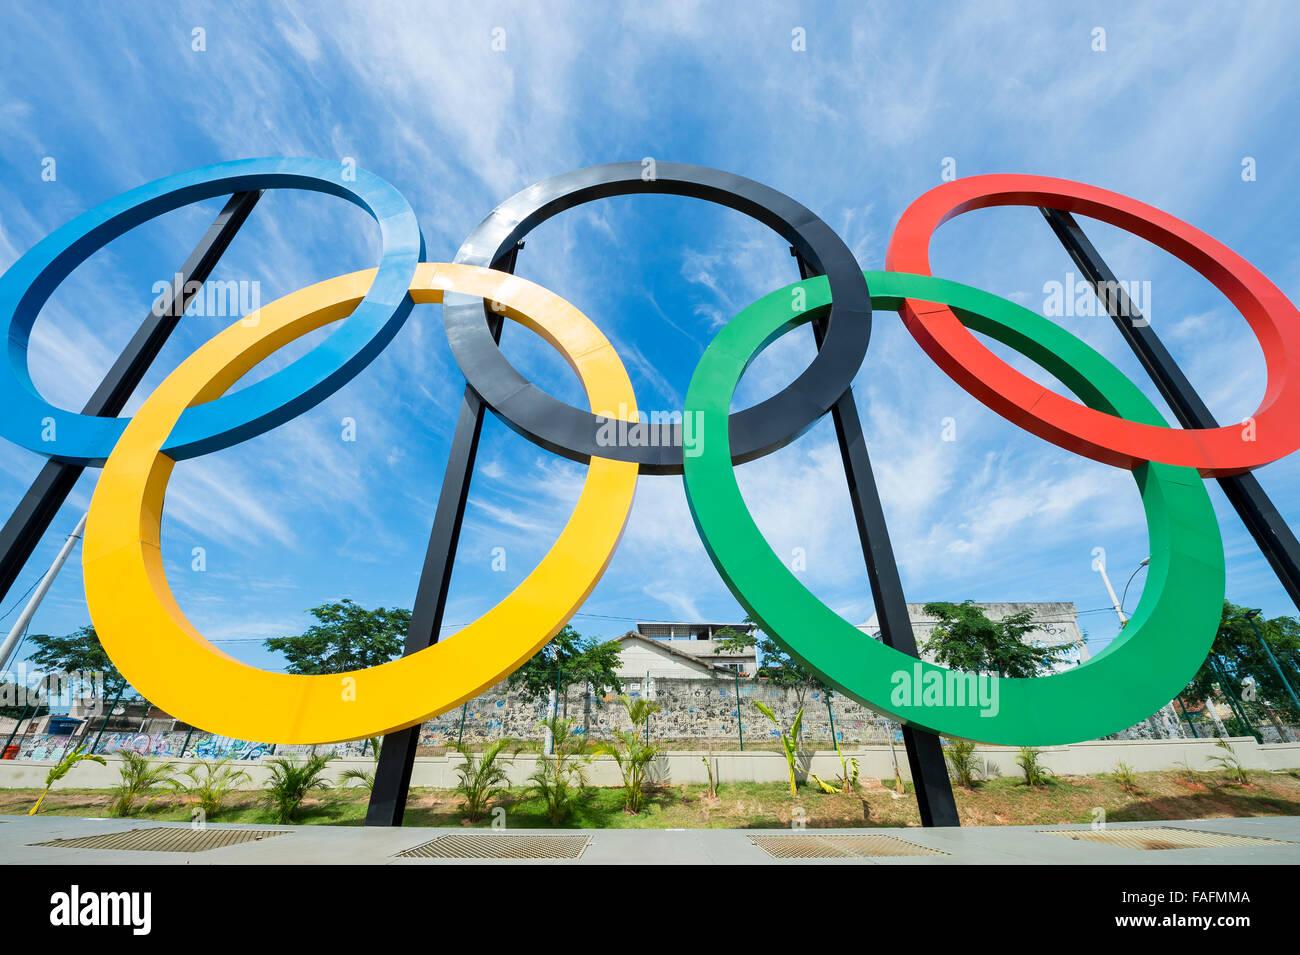 RIO DE JANEIRO, Brésil - 31 octobre 2015: anneaux olympiques se tiennent contre ciel bleu dans le parc Photo Stock